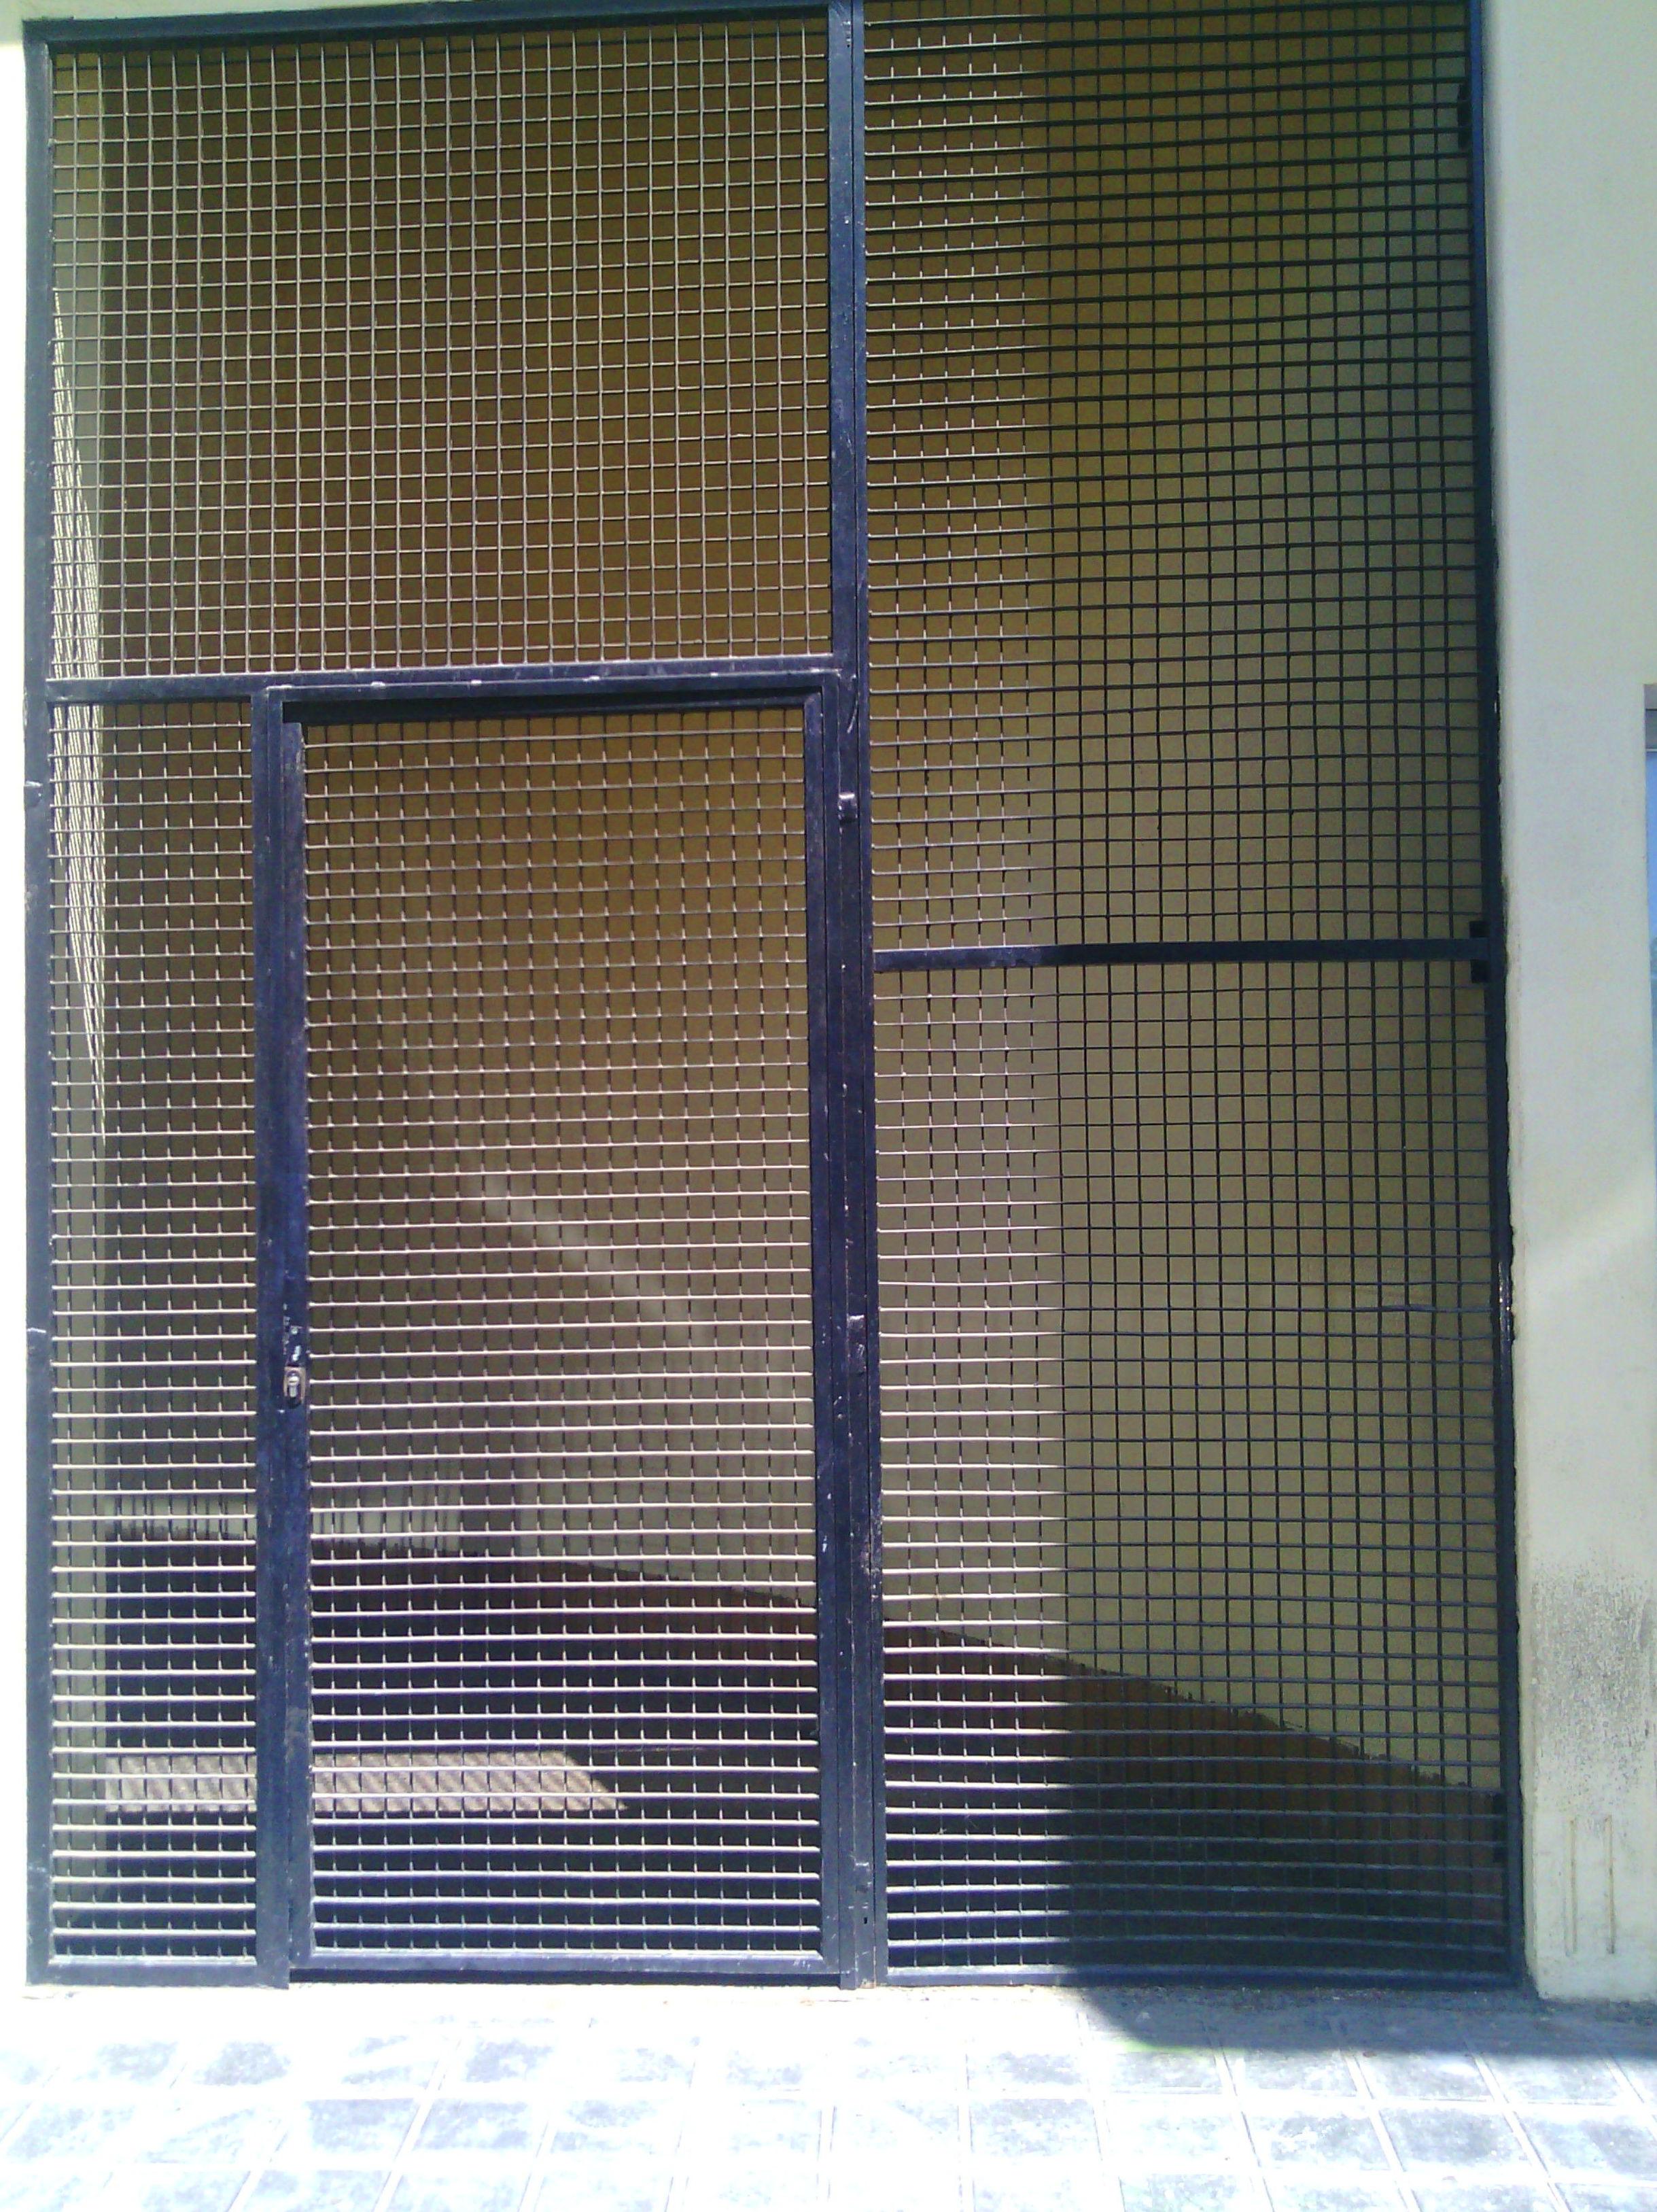 Puerta metálica de rejilla ventilada